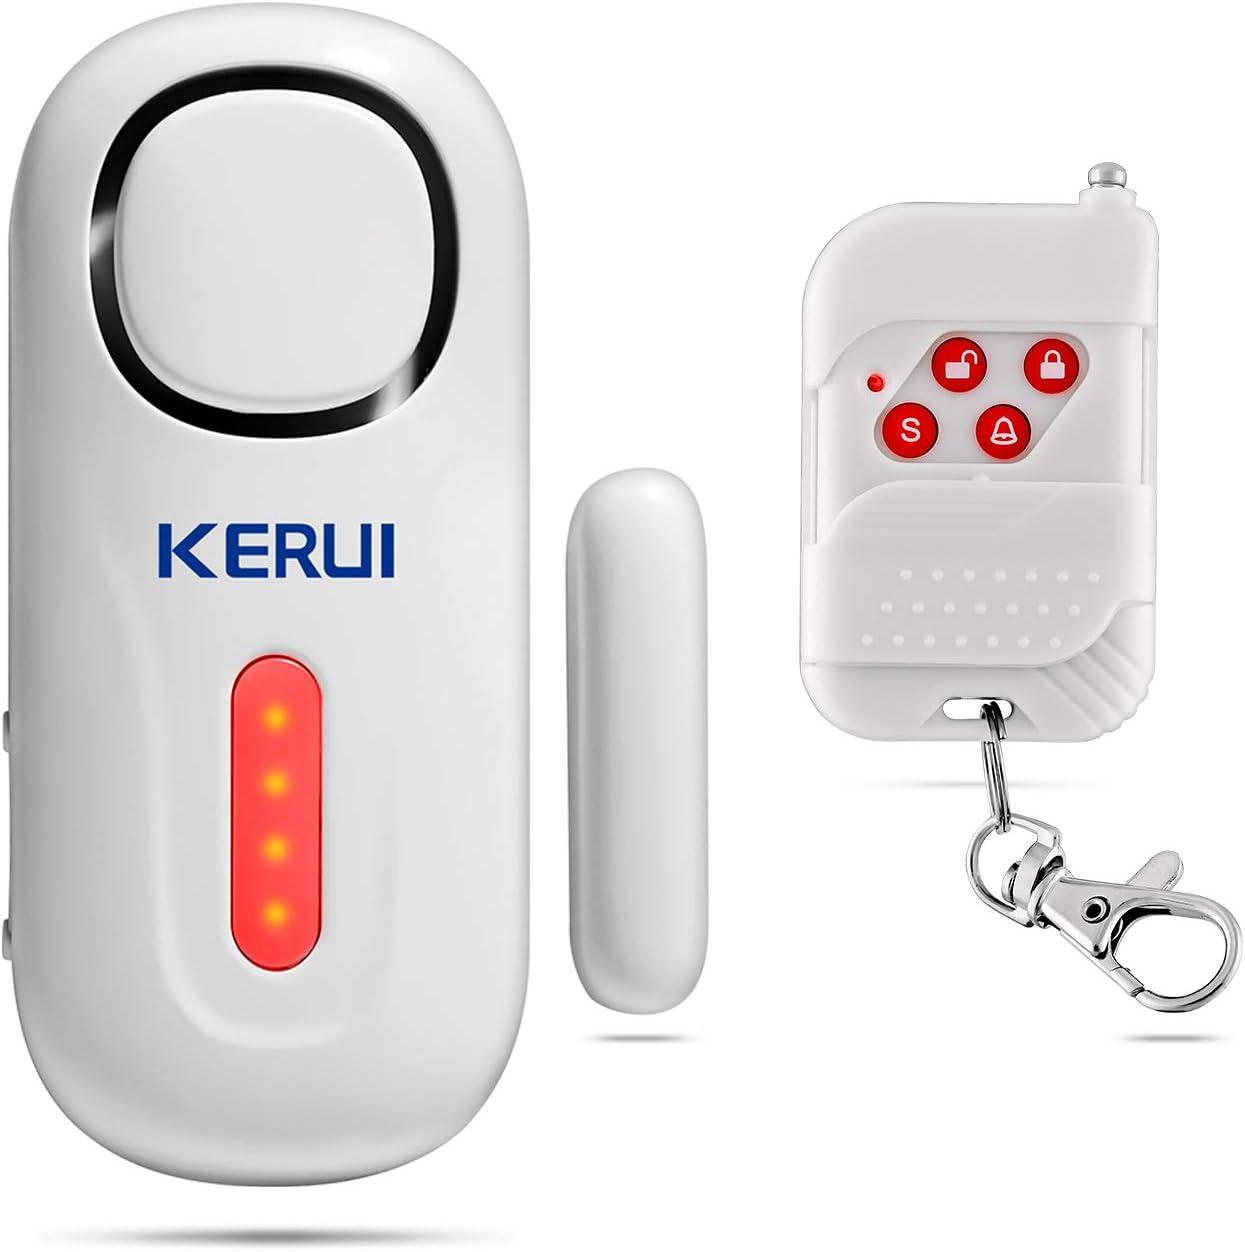 KERUI D2 Alarma de Puerta y Ventana inalámbrico con 120 dB Sonido y Luz para Sistema de Alarma Seguridad Casa, Kit Alarma para Hogar DIY Tal como Sensor Puerta/Detector Movimiento, Fácil de Instalar